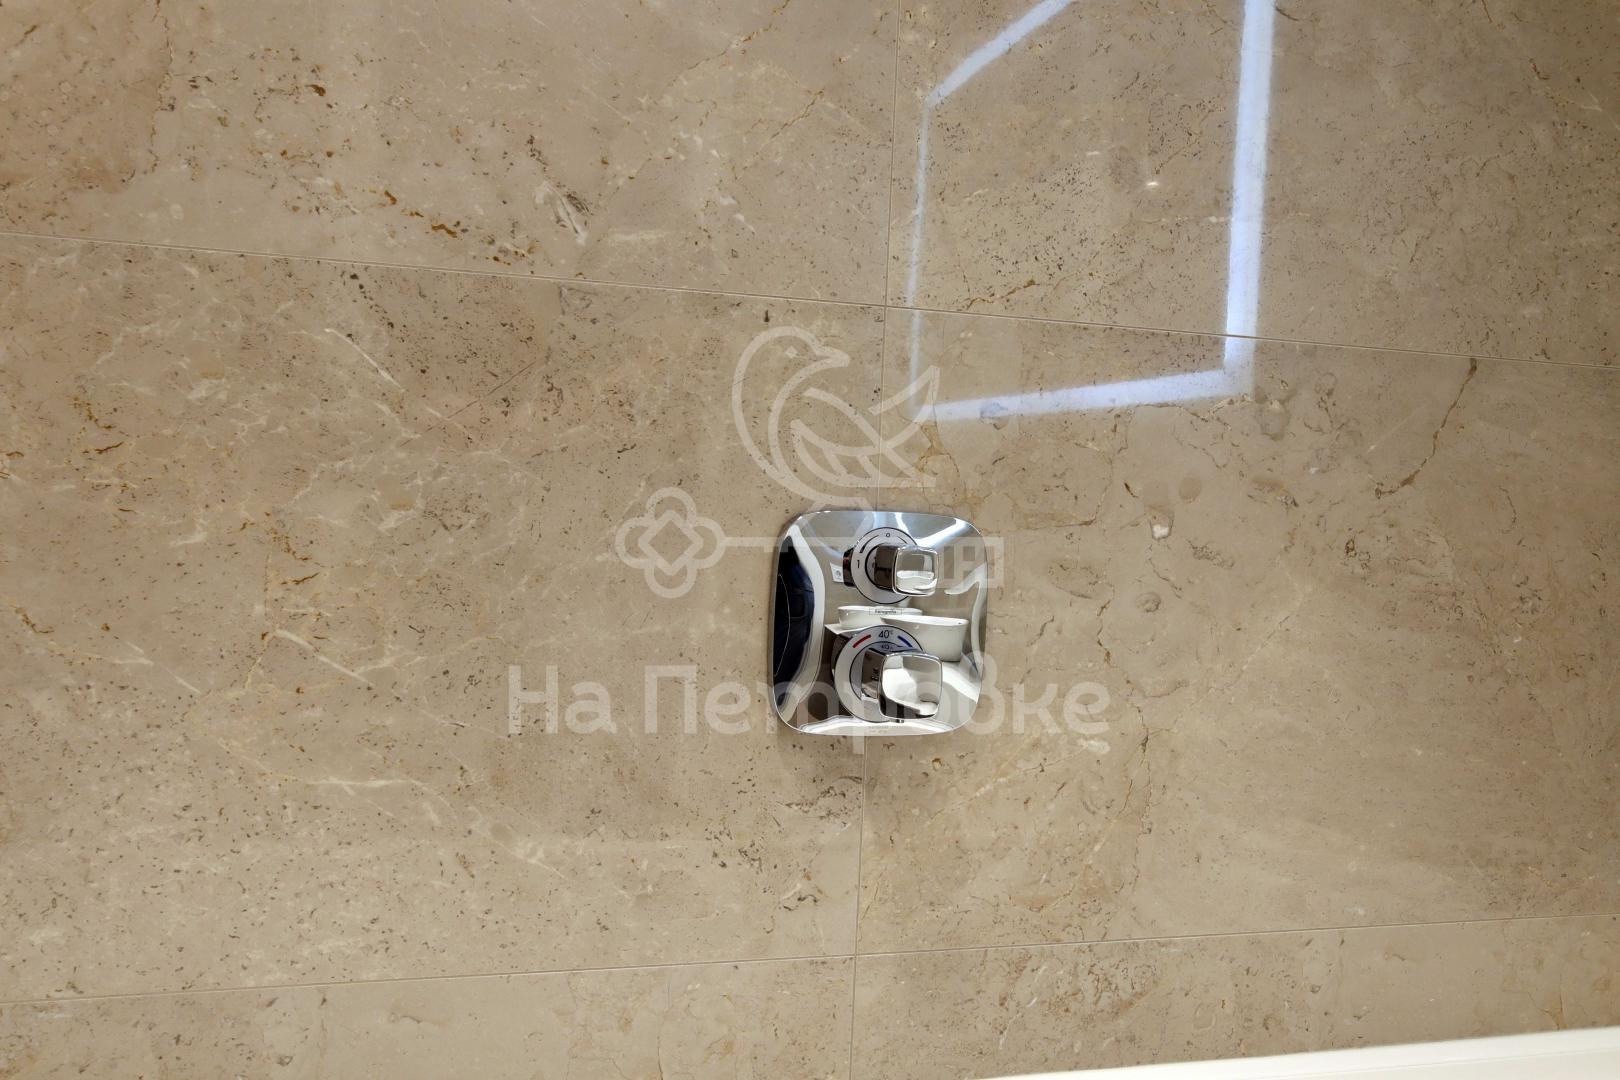 Продам 2-комн. квартиру по адресу Россия, Московская область, Москва, Мосфильмовская улица, 88к4с2 фото 6 по выгодной цене